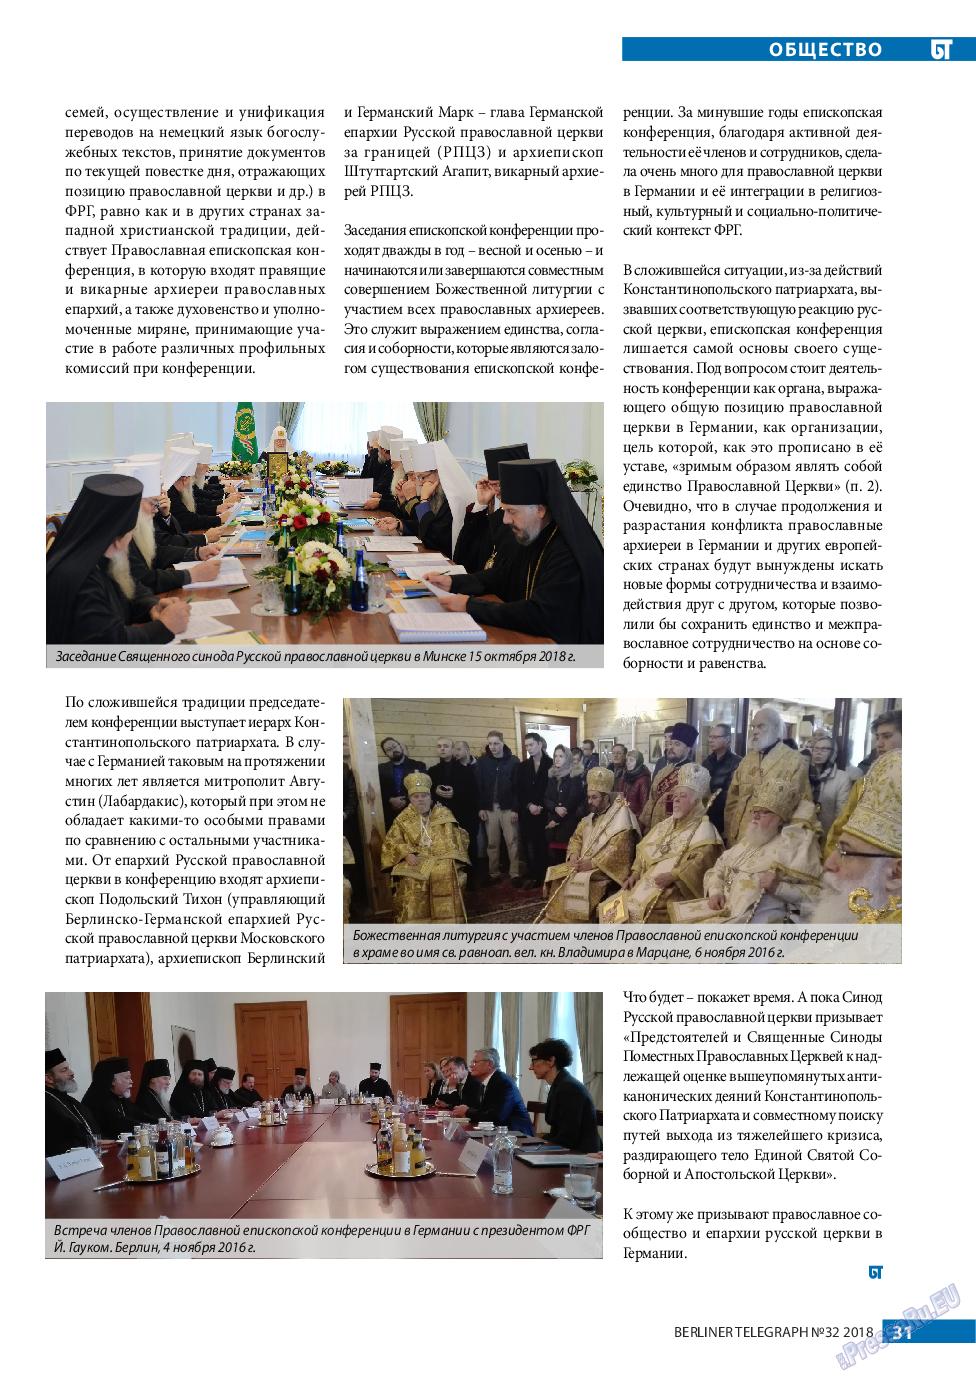 Берлинский телеграф (журнал). 2018 год, номер 32, стр. 31